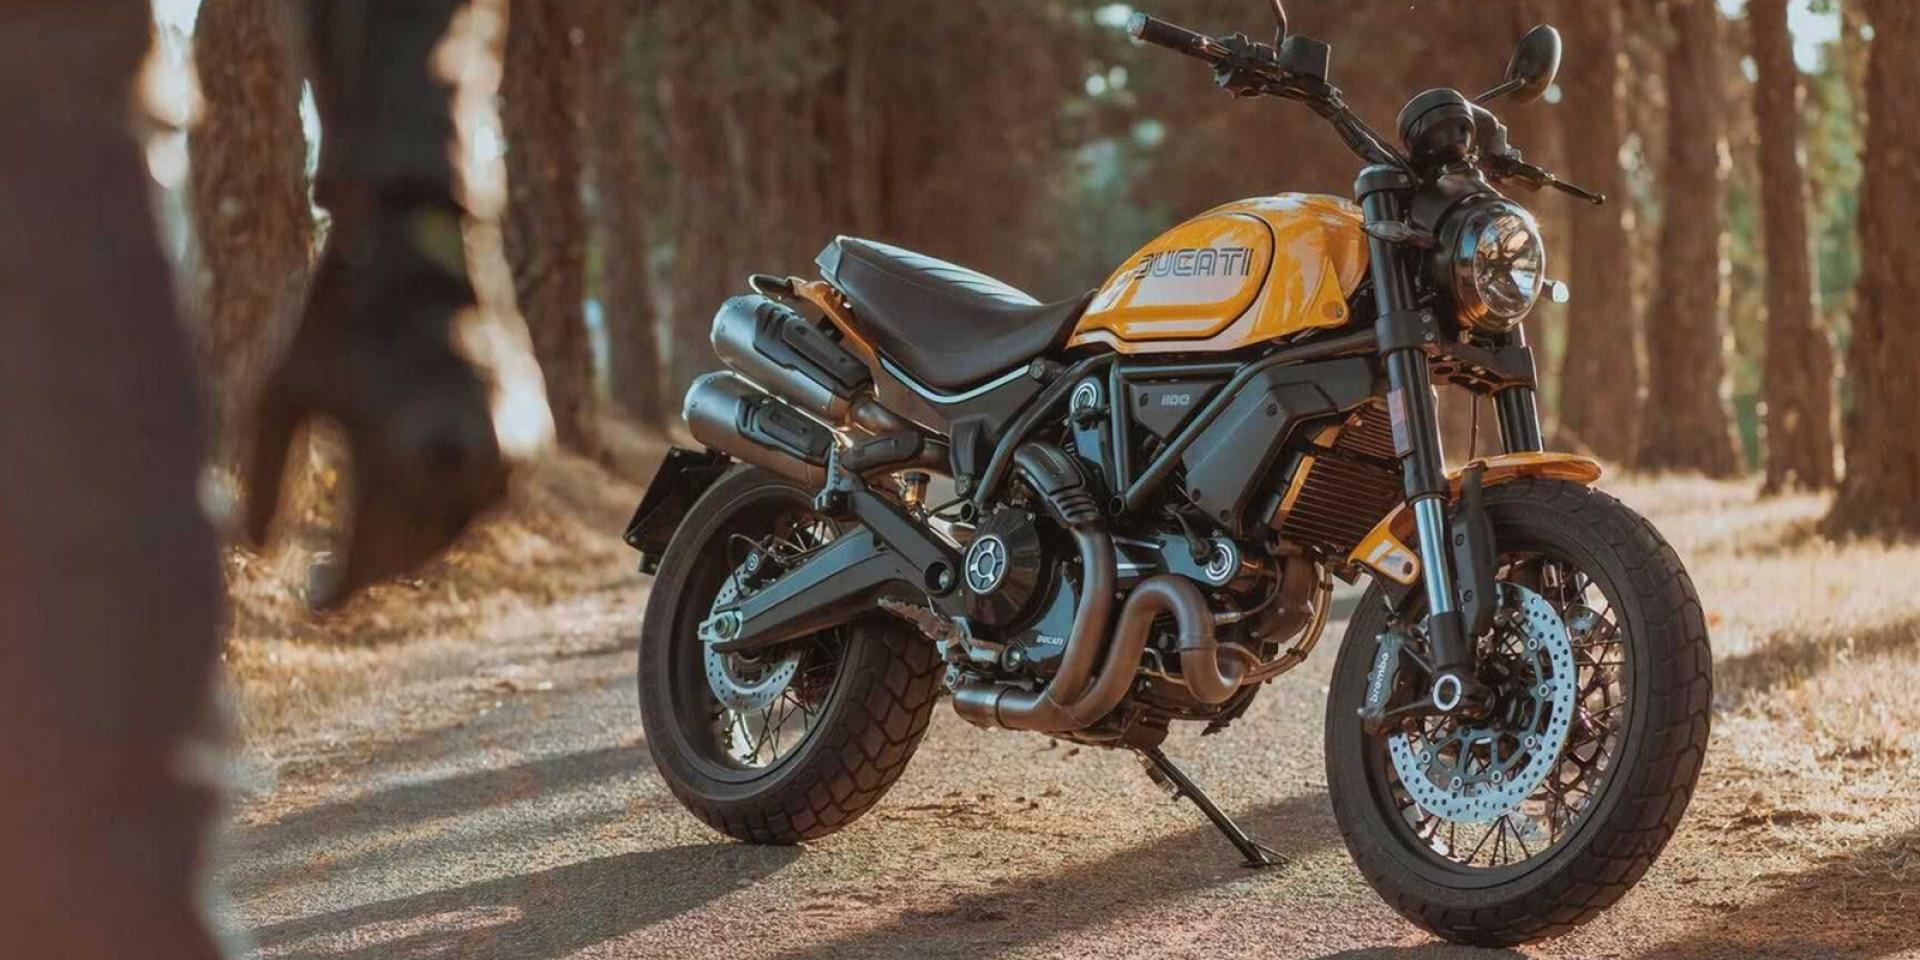 致敬經典與都會叛逆。Ducati Scrambler 1100 Tribute Pro、Urban Motard 海外雙車發表!